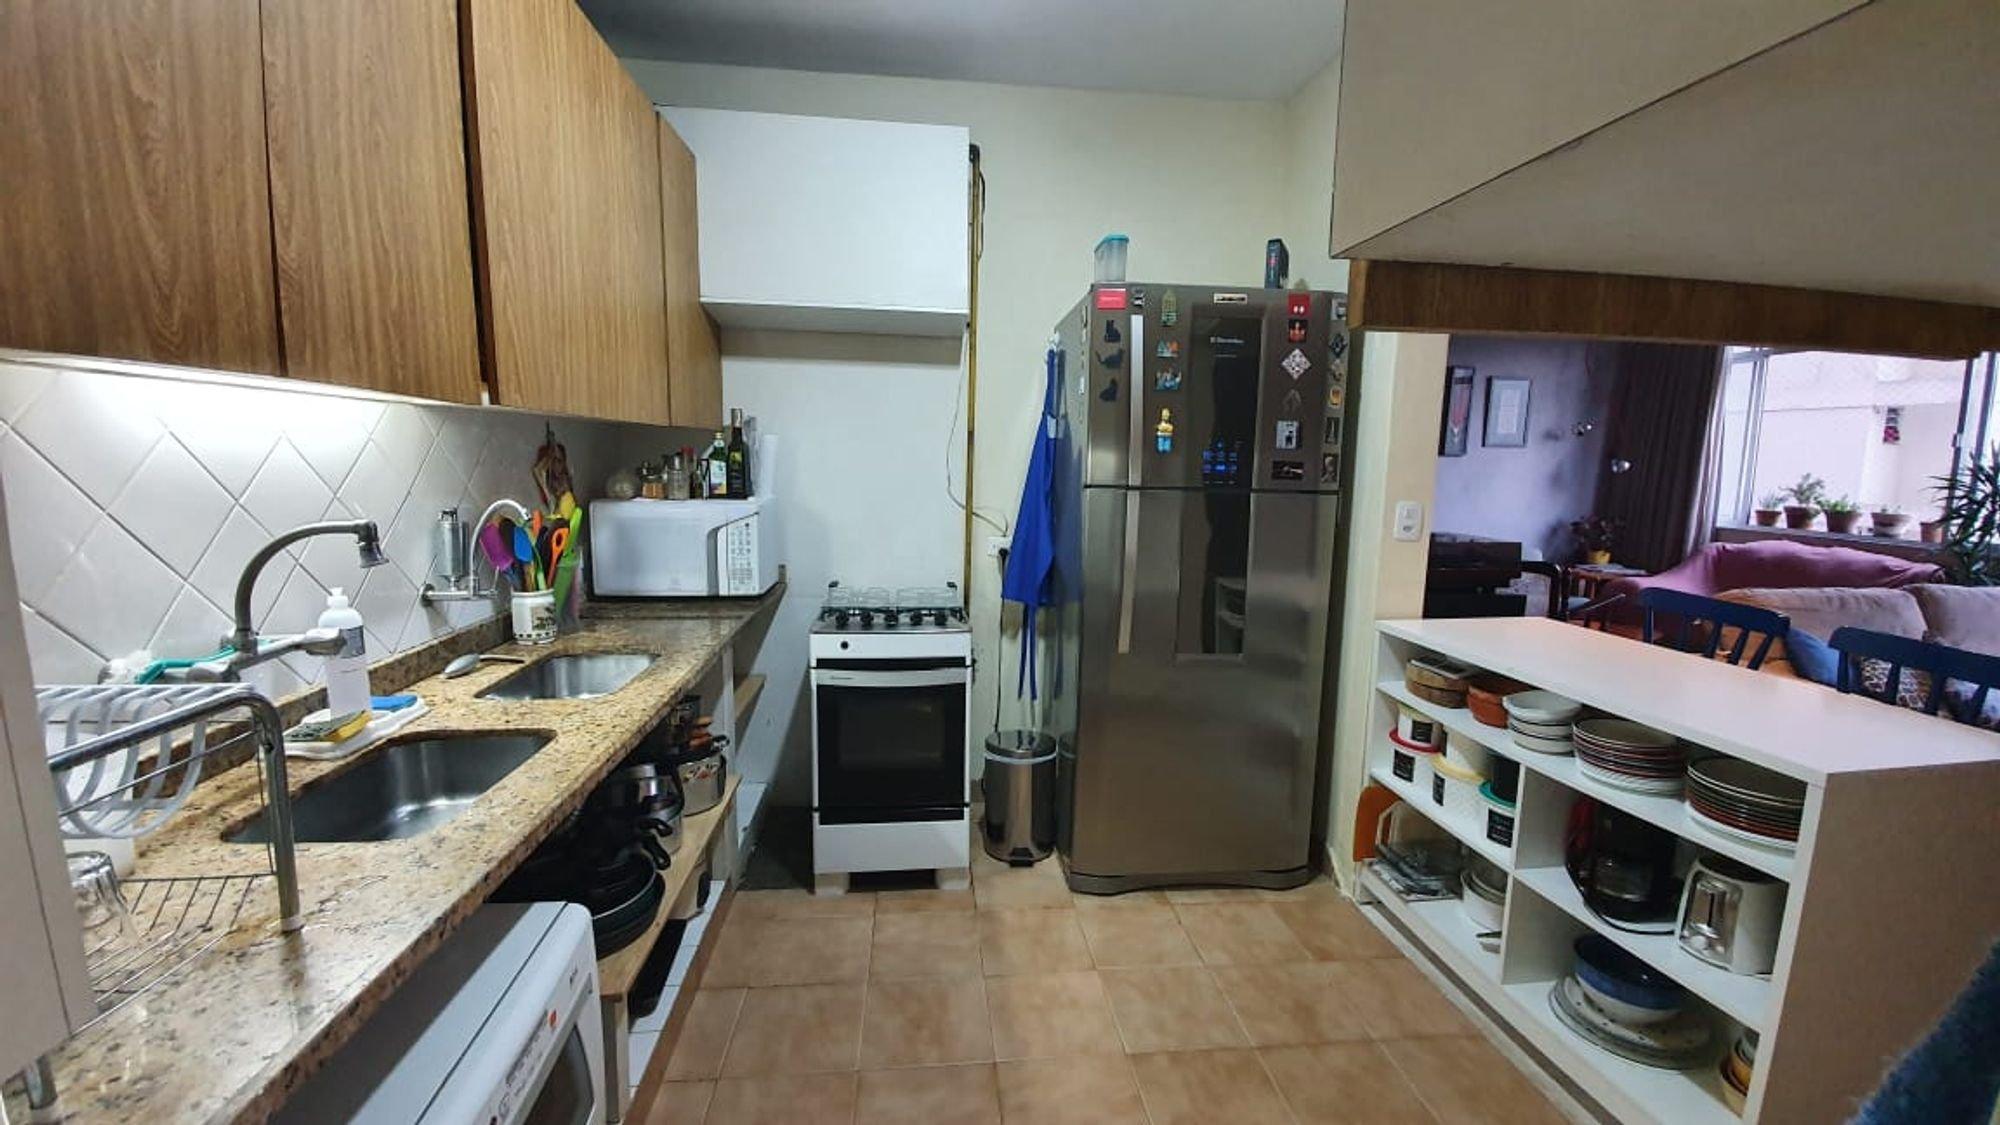 Foto de Cozinha com garrafa, forno, tigela, geladeira, pia, cadeira